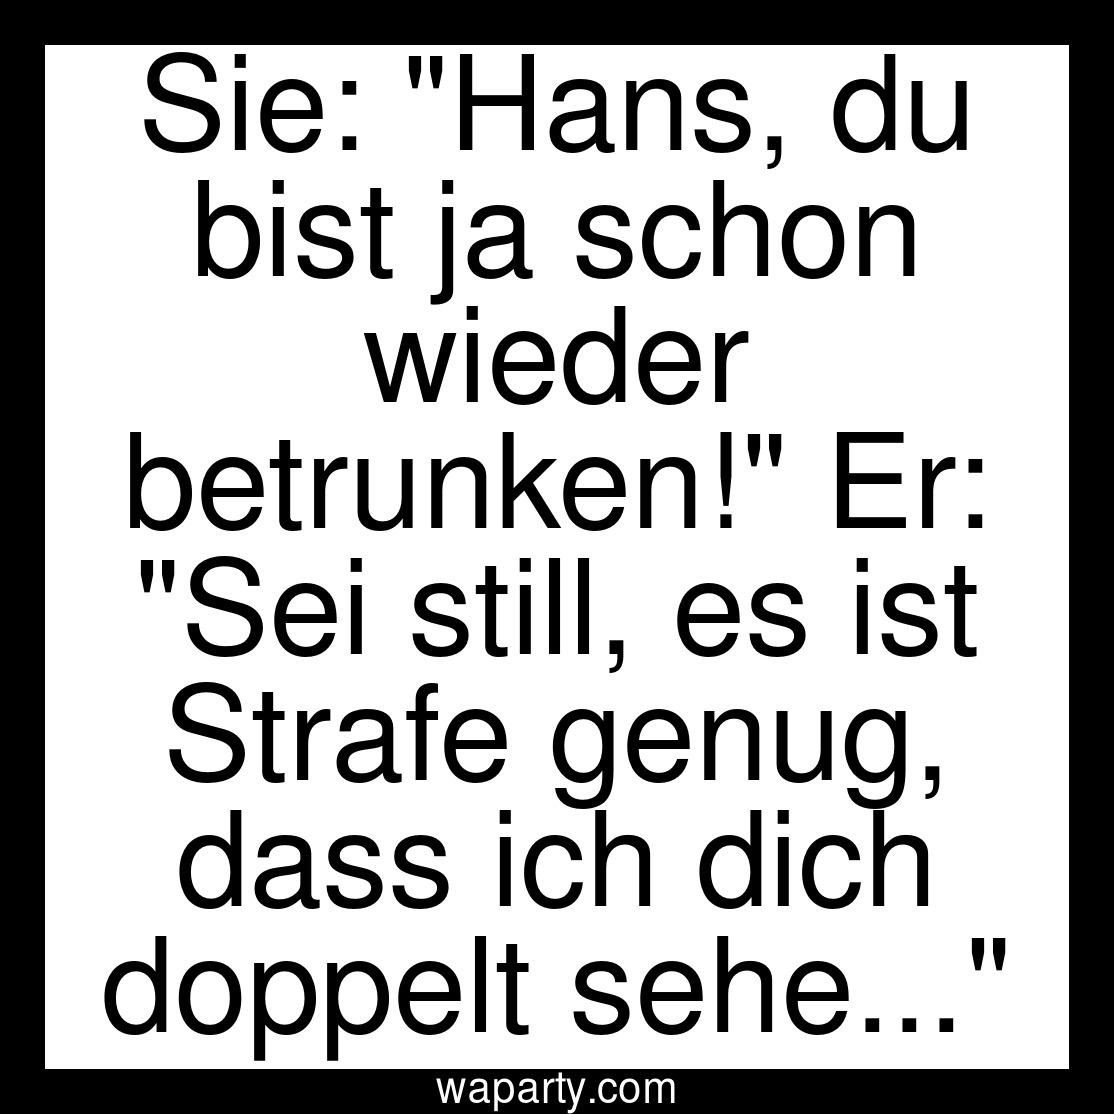 Sie: Hans, du bist ja schon wieder betrunken! Er: Sei still, es ist Strafe genug, dass ich dich doppelt sehe...